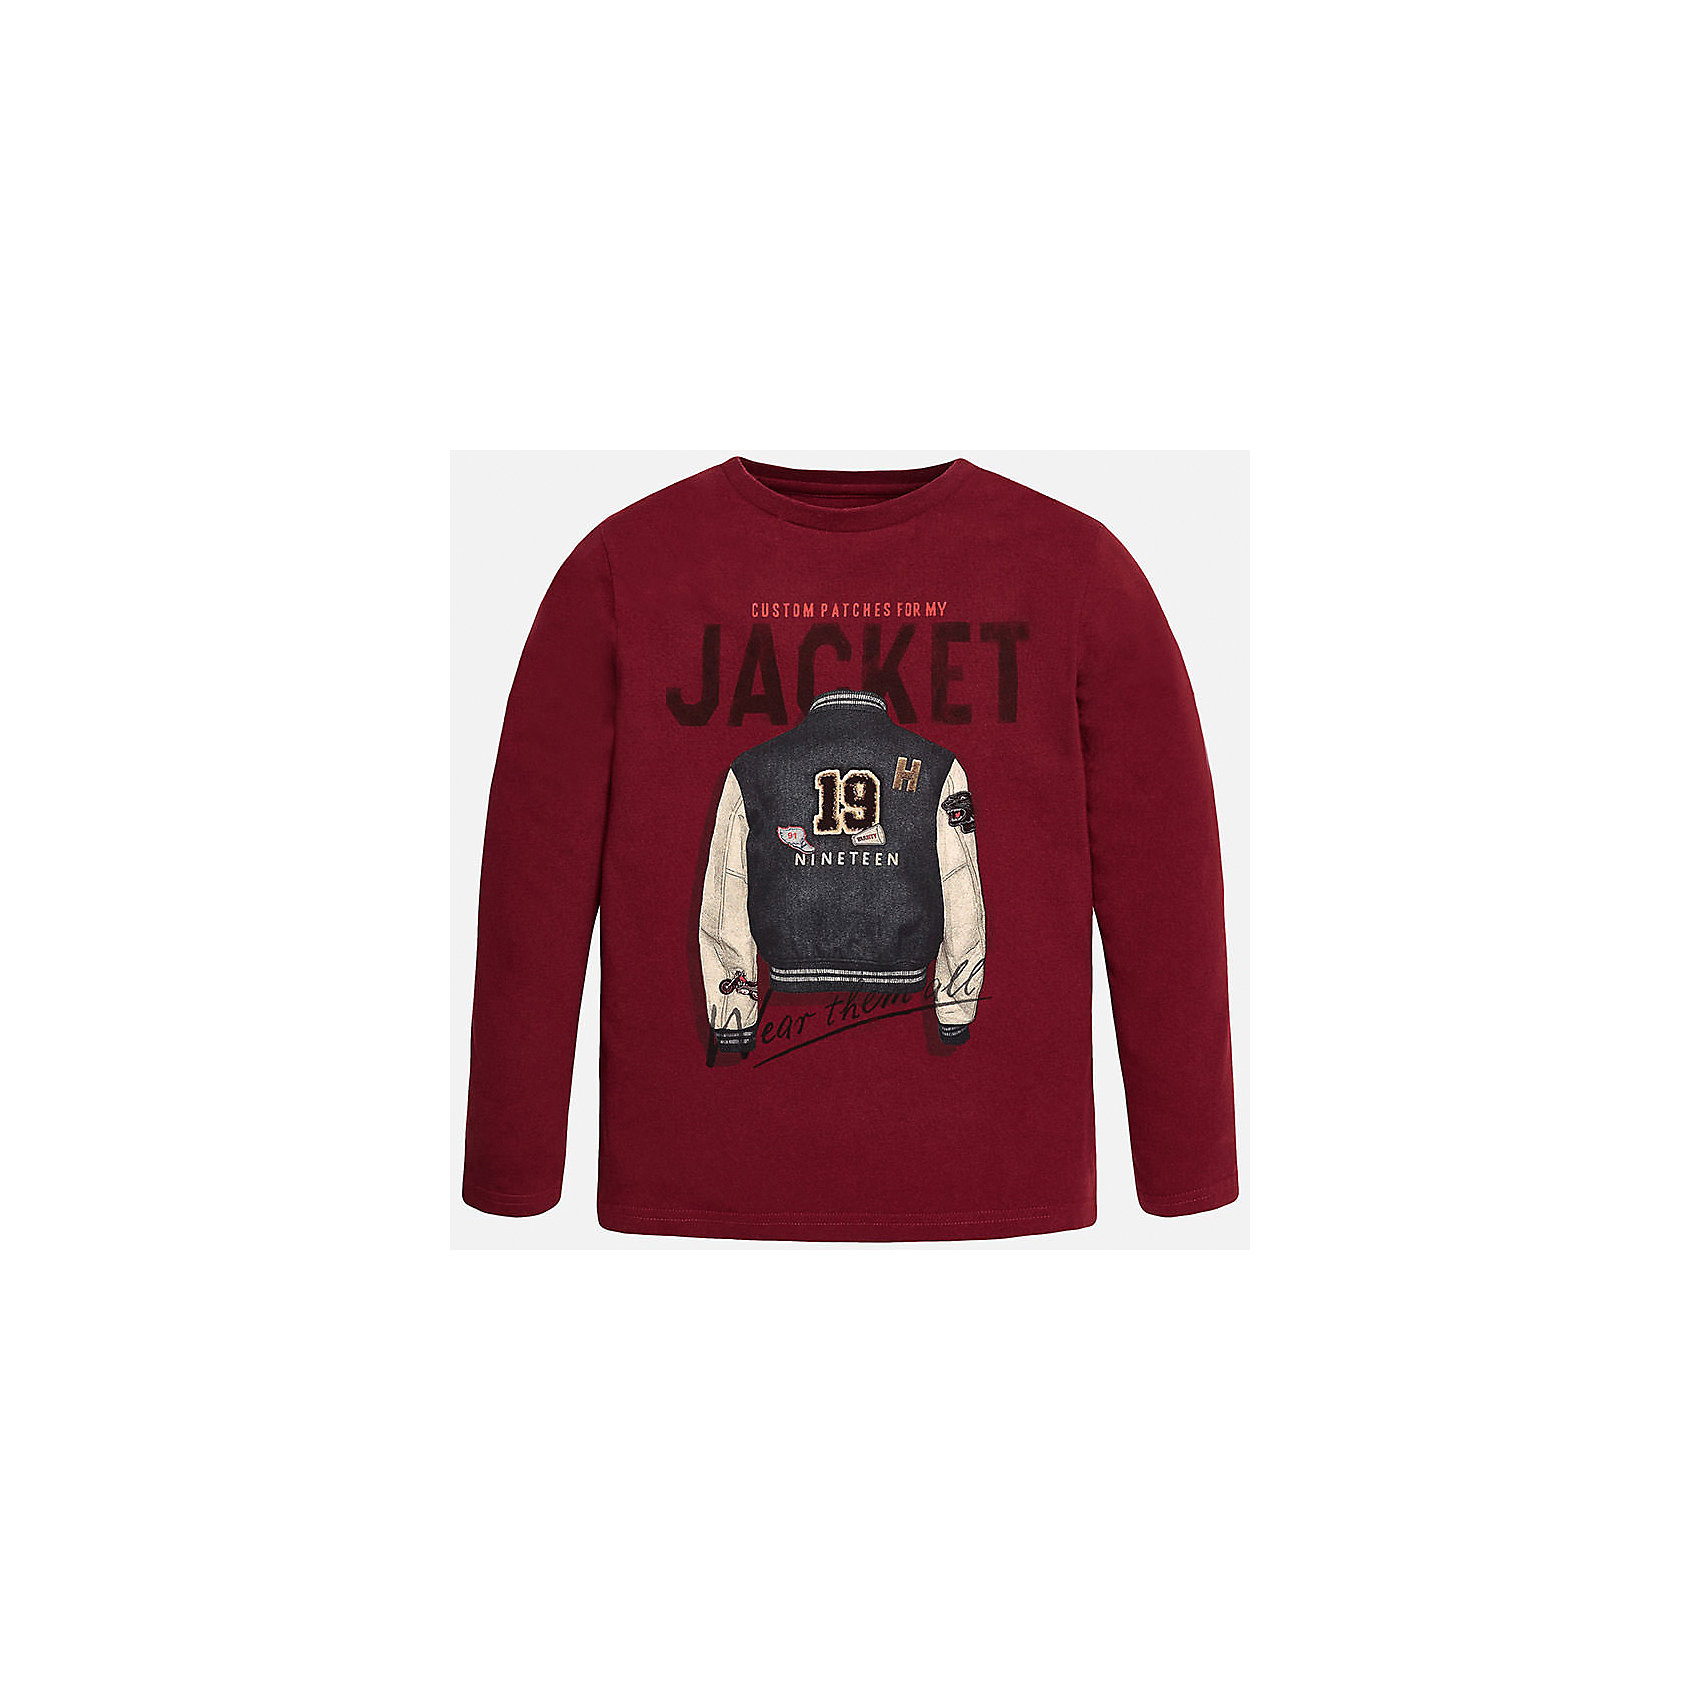 Футболка с длинным рукавом  для мальчика MayoralХлопковая футболка с длинными рукавами - это  базовая вещь в любом гардеробе. Благодаря длинным рукавам и легкому составу ткани, ее можно носить в любое время года, а яркий орнамент, подчеркнет индивидуальный стиль Вашего ребенка!<br><br>Дополнительная информация:<br><br>- Крой: прямой крой.<br>- Страна бренда: Испания.<br>- Состав: хлопок 100%.<br>- Цвет: вишневый.<br>- Уход: бережная стирка при 30 градусах.<br><br>Купить футболку с длинным рукавом для мальчика, от  Mayoral, можно в нашем магазине.<br><br>Ширина мм: 230<br>Глубина мм: 40<br>Высота мм: 220<br>Вес г: 250<br>Цвет: бордовый<br>Возраст от месяцев: 96<br>Возраст до месяцев: 108<br>Пол: Мужской<br>Возраст: Детский<br>Размер: 128/134,164/170,158/164,158/164,146/152,140/146<br>SKU: 4826701